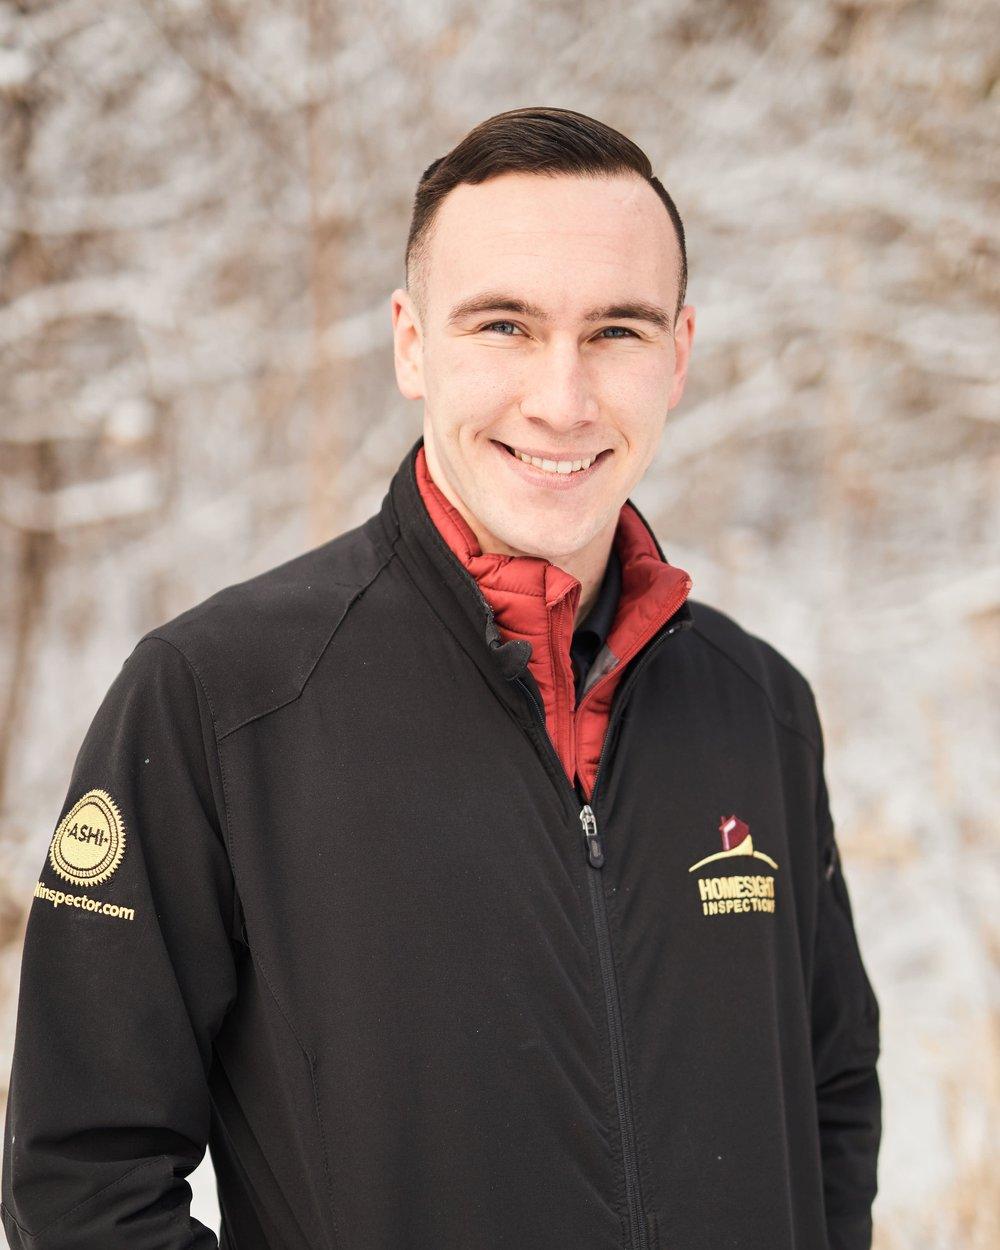 Lucas Brown - ASHI Associate Inspector, EDI Moisture AnalystLucas@mninspector.com(612) 500-2894